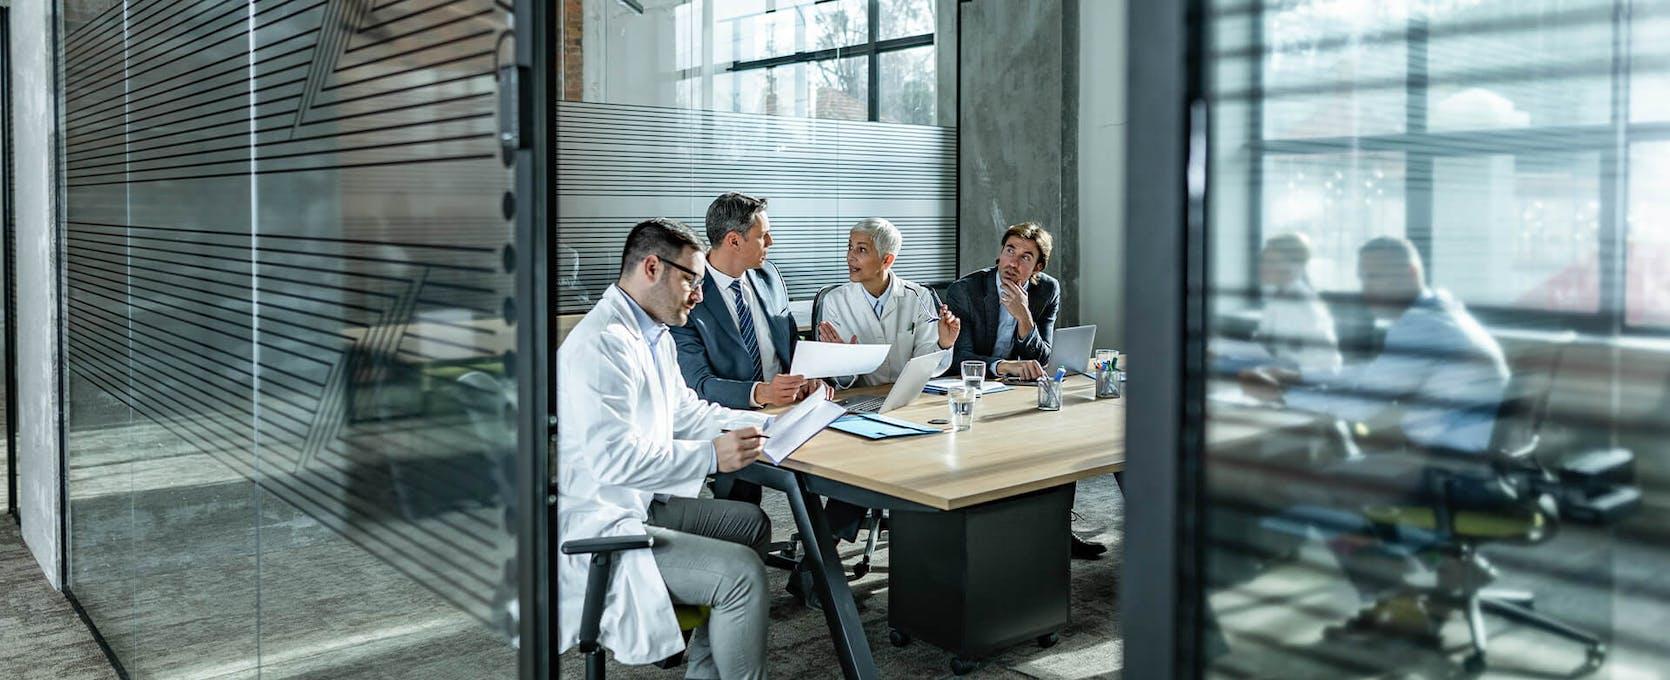 Life sciences management team meets to discuss fair market value compensation